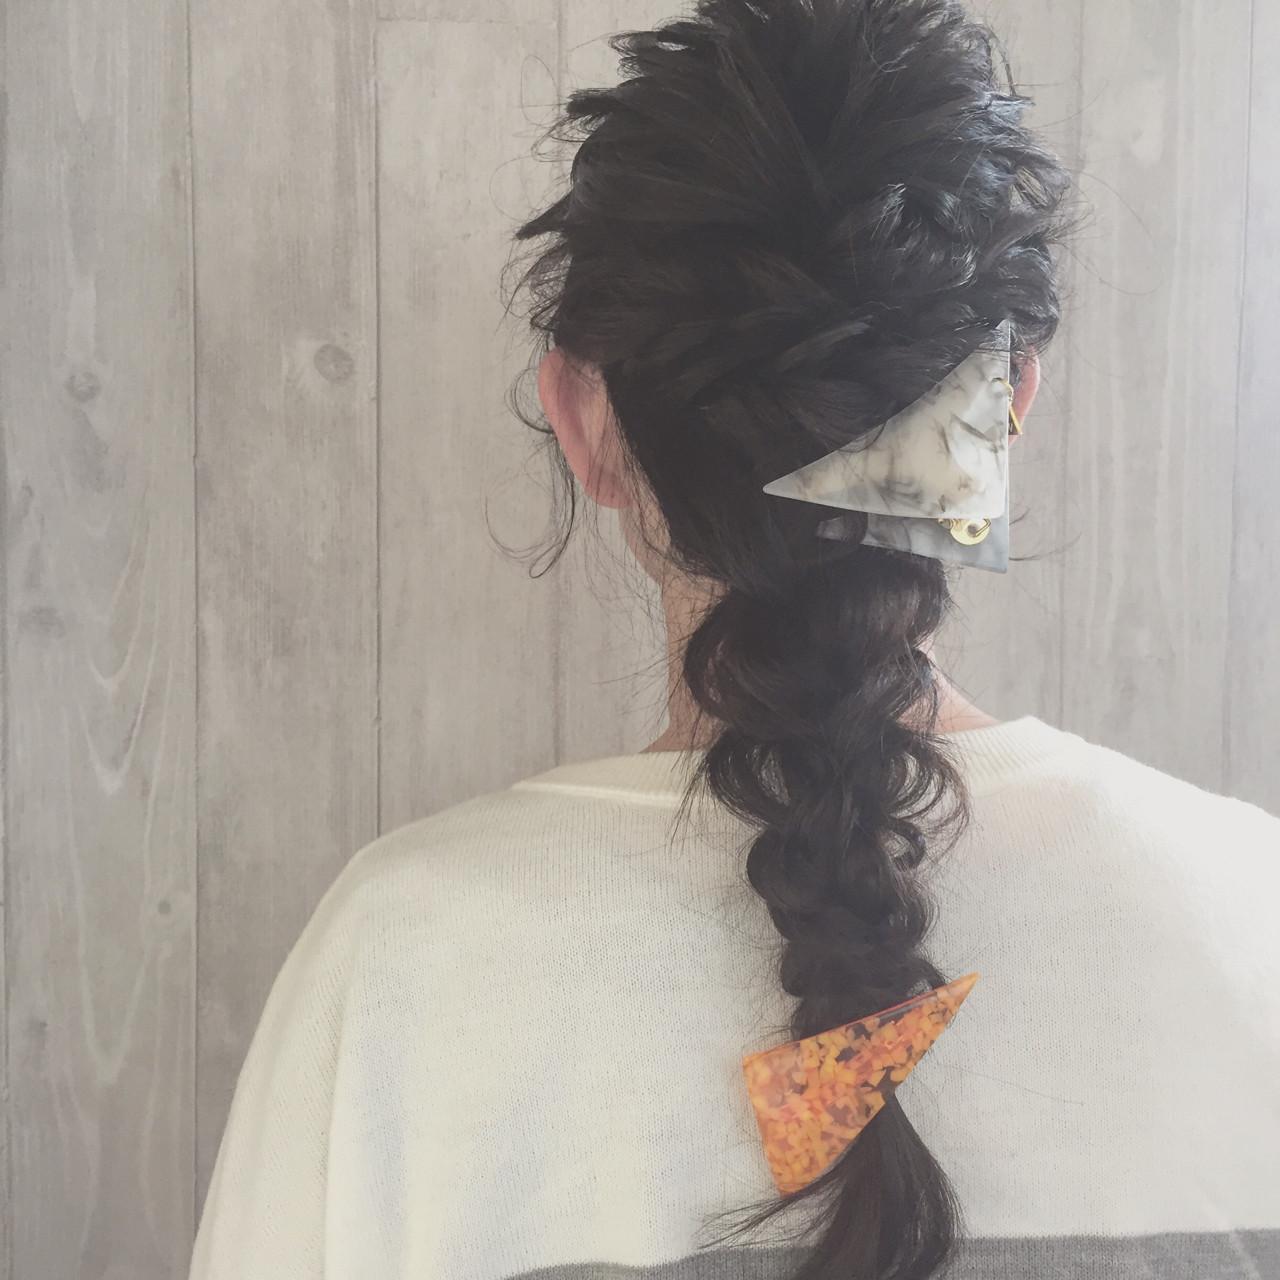 ヘアアクセで着飾った編み下ろしスタイル 宮田 恵里香